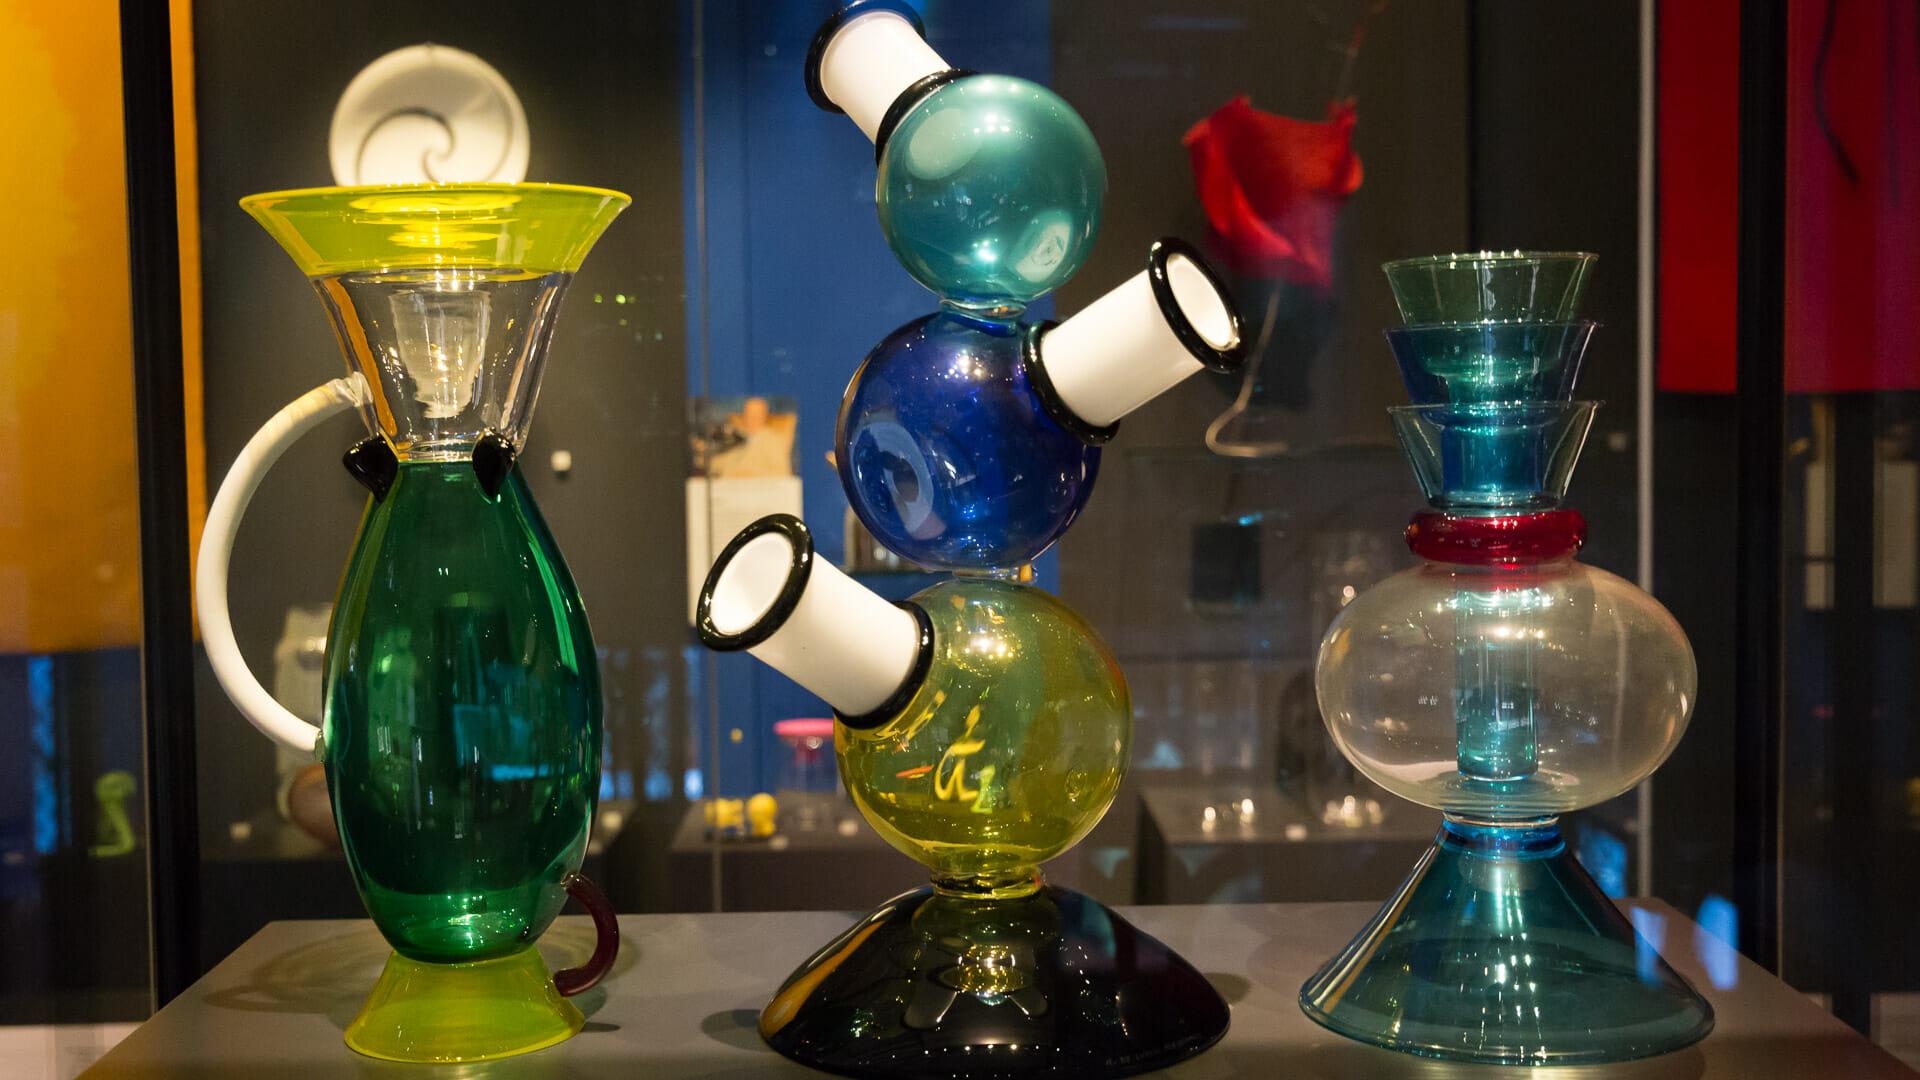 Vasen mit besonderem Design